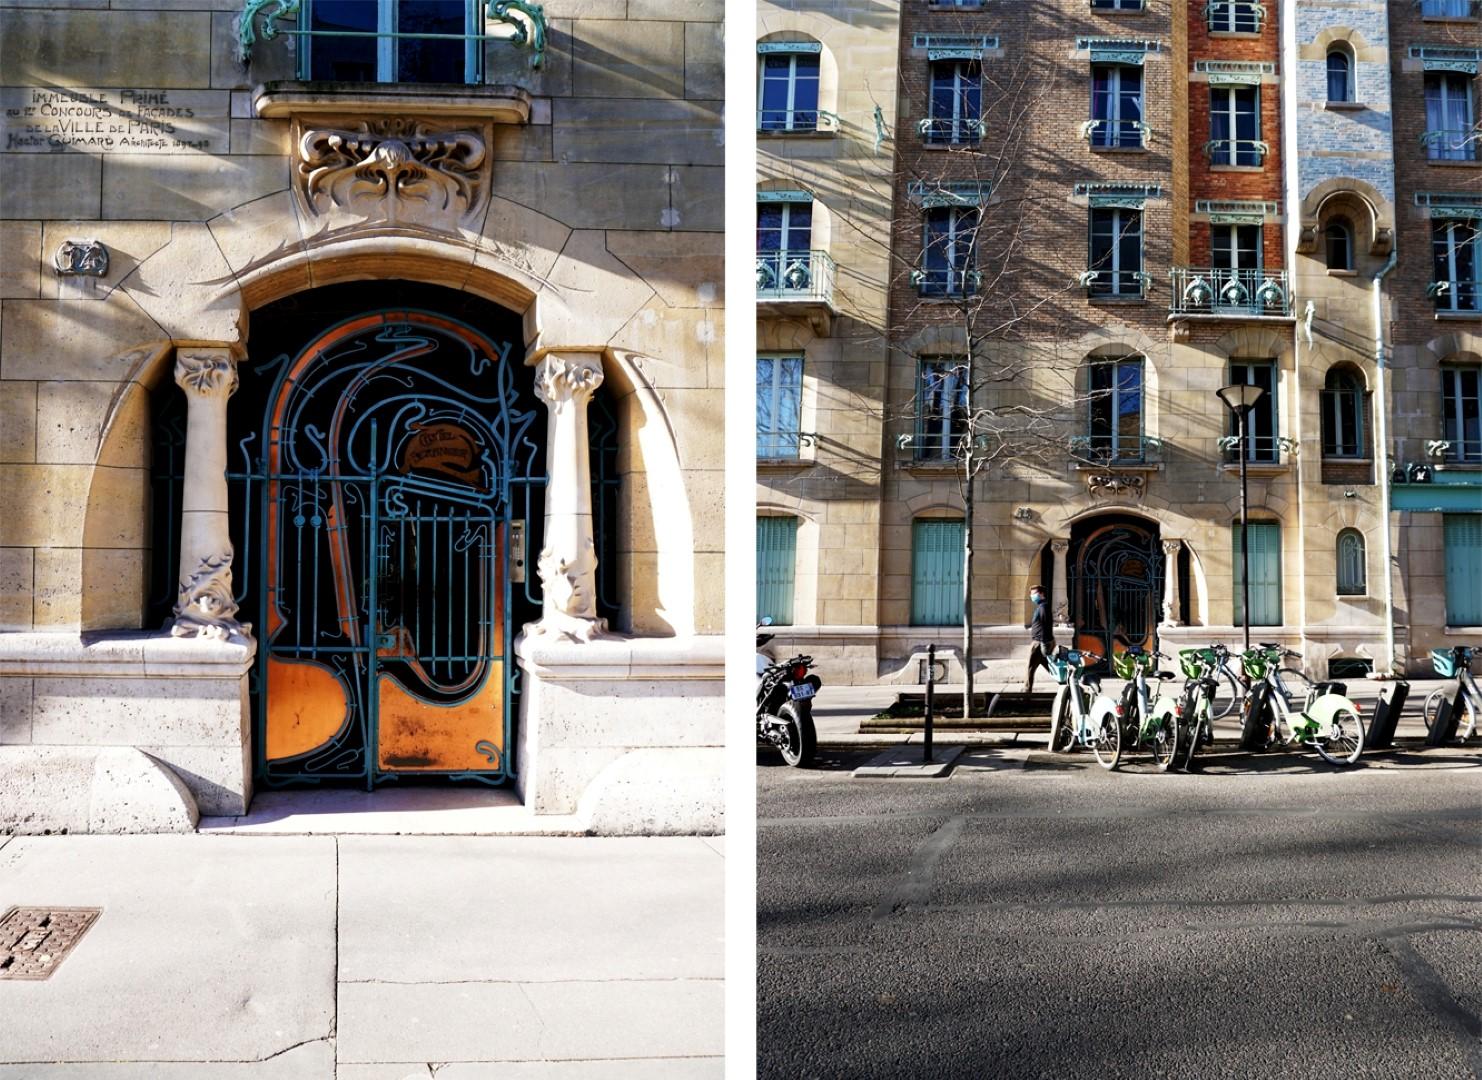 Balade dans le 16e, voies cachées et Art Nouveau - rue de la Fontaine, Hector Guimard - Castel Béranger